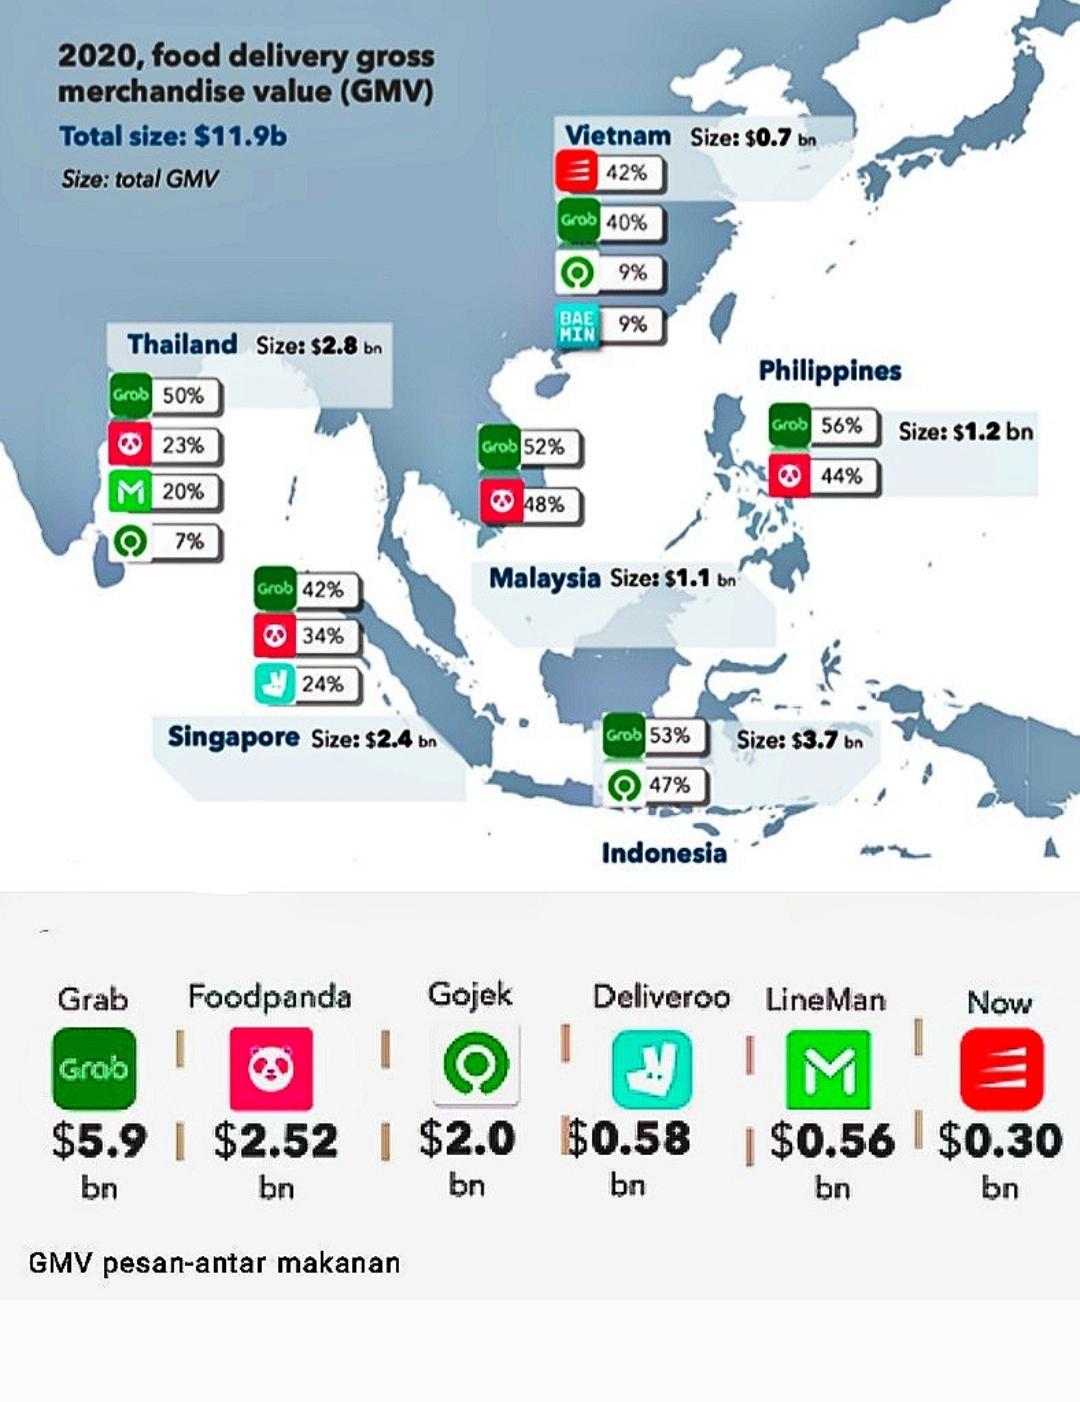 Transaksi pesan-antar makanan di Asia Tenggara pada 2020